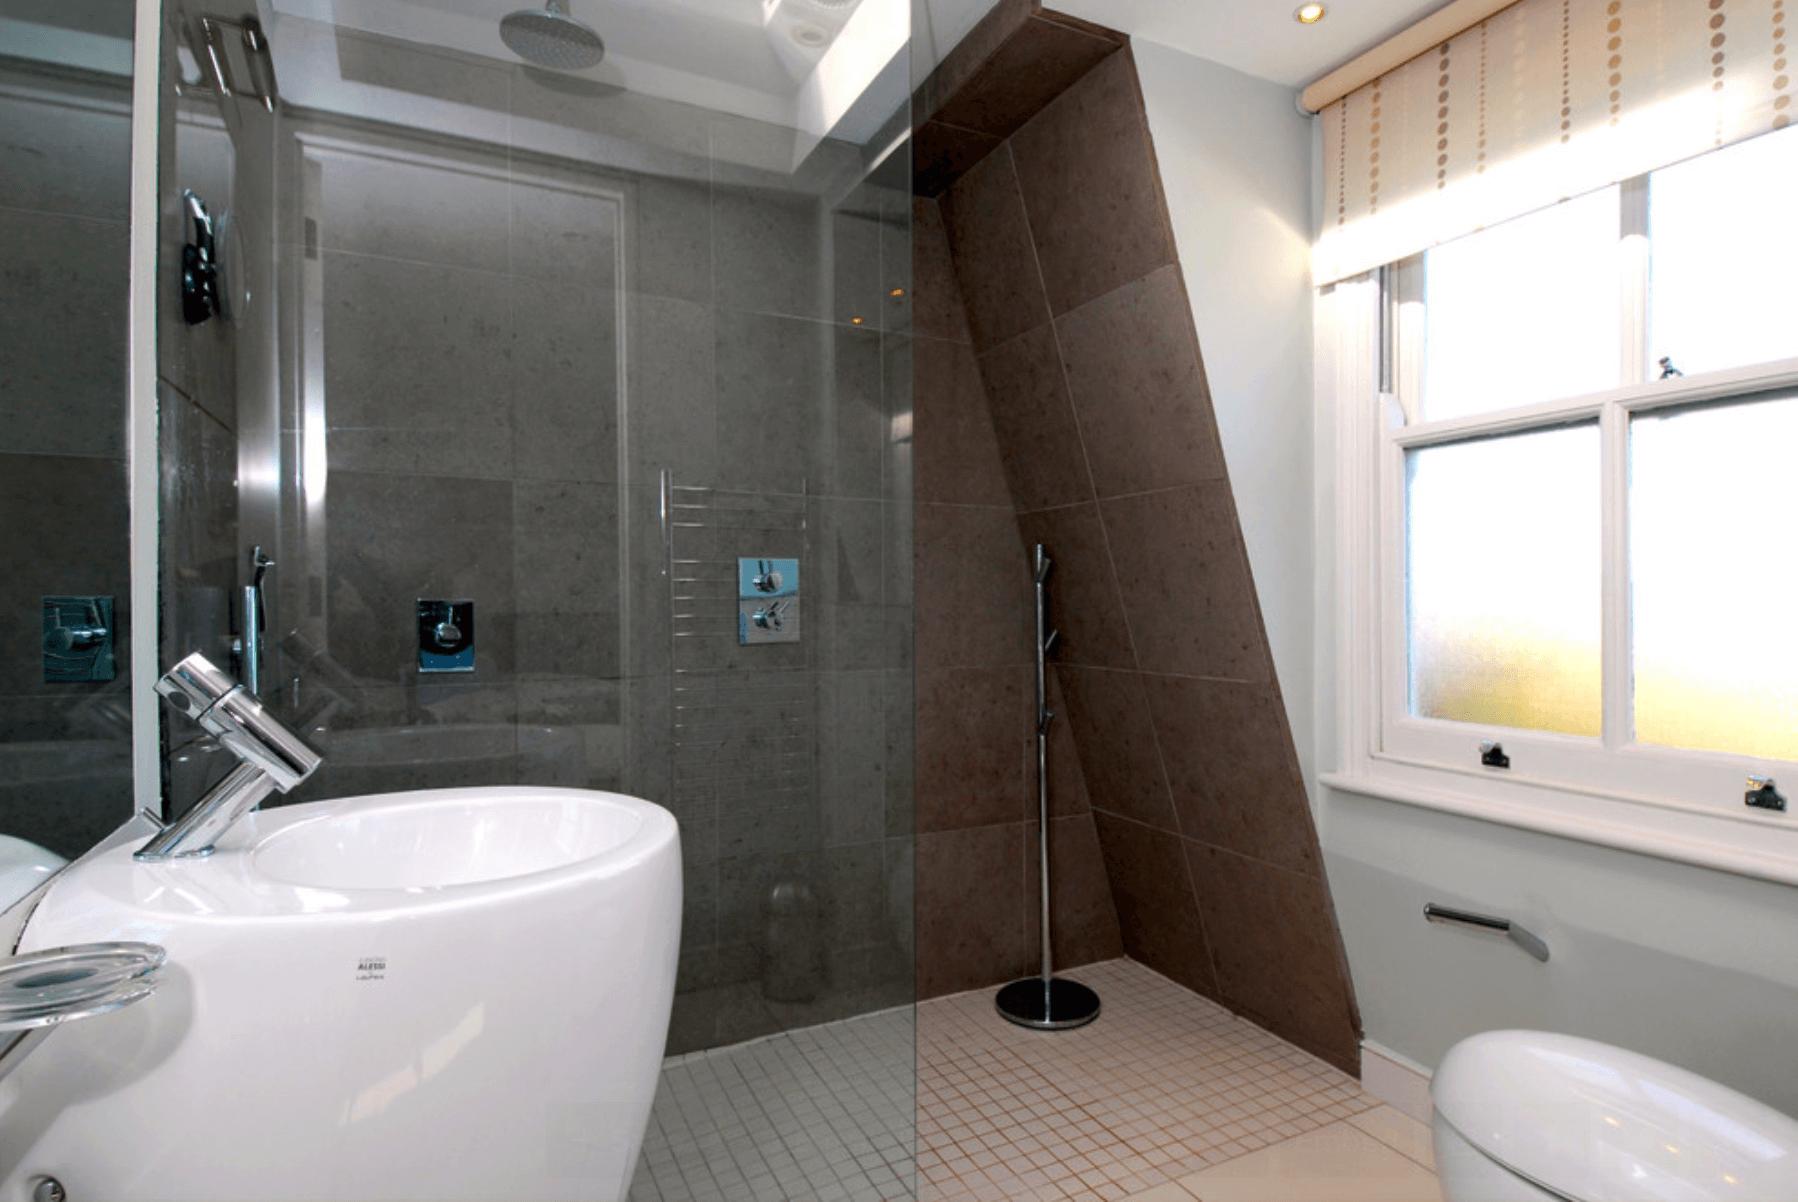 Banheiros Pequenos  Fotos e Dicas Imperdíveis  Arquidicas -> Banheiro Pequeno Moderno